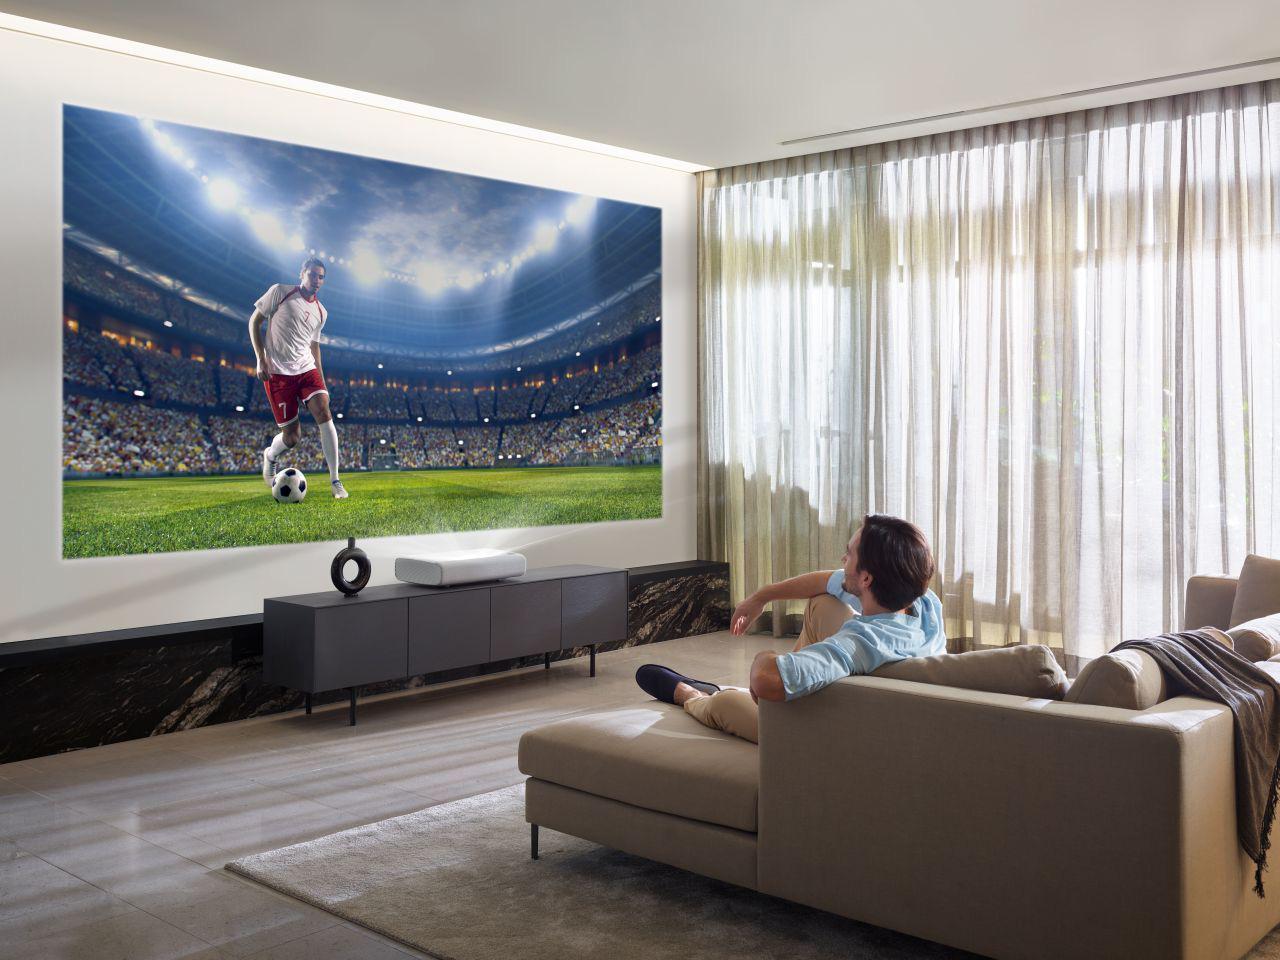 Thời điểm vàng lên đời TV Samsung: Ưu đãi khủng mùa Euro 2021 - Ảnh 3.